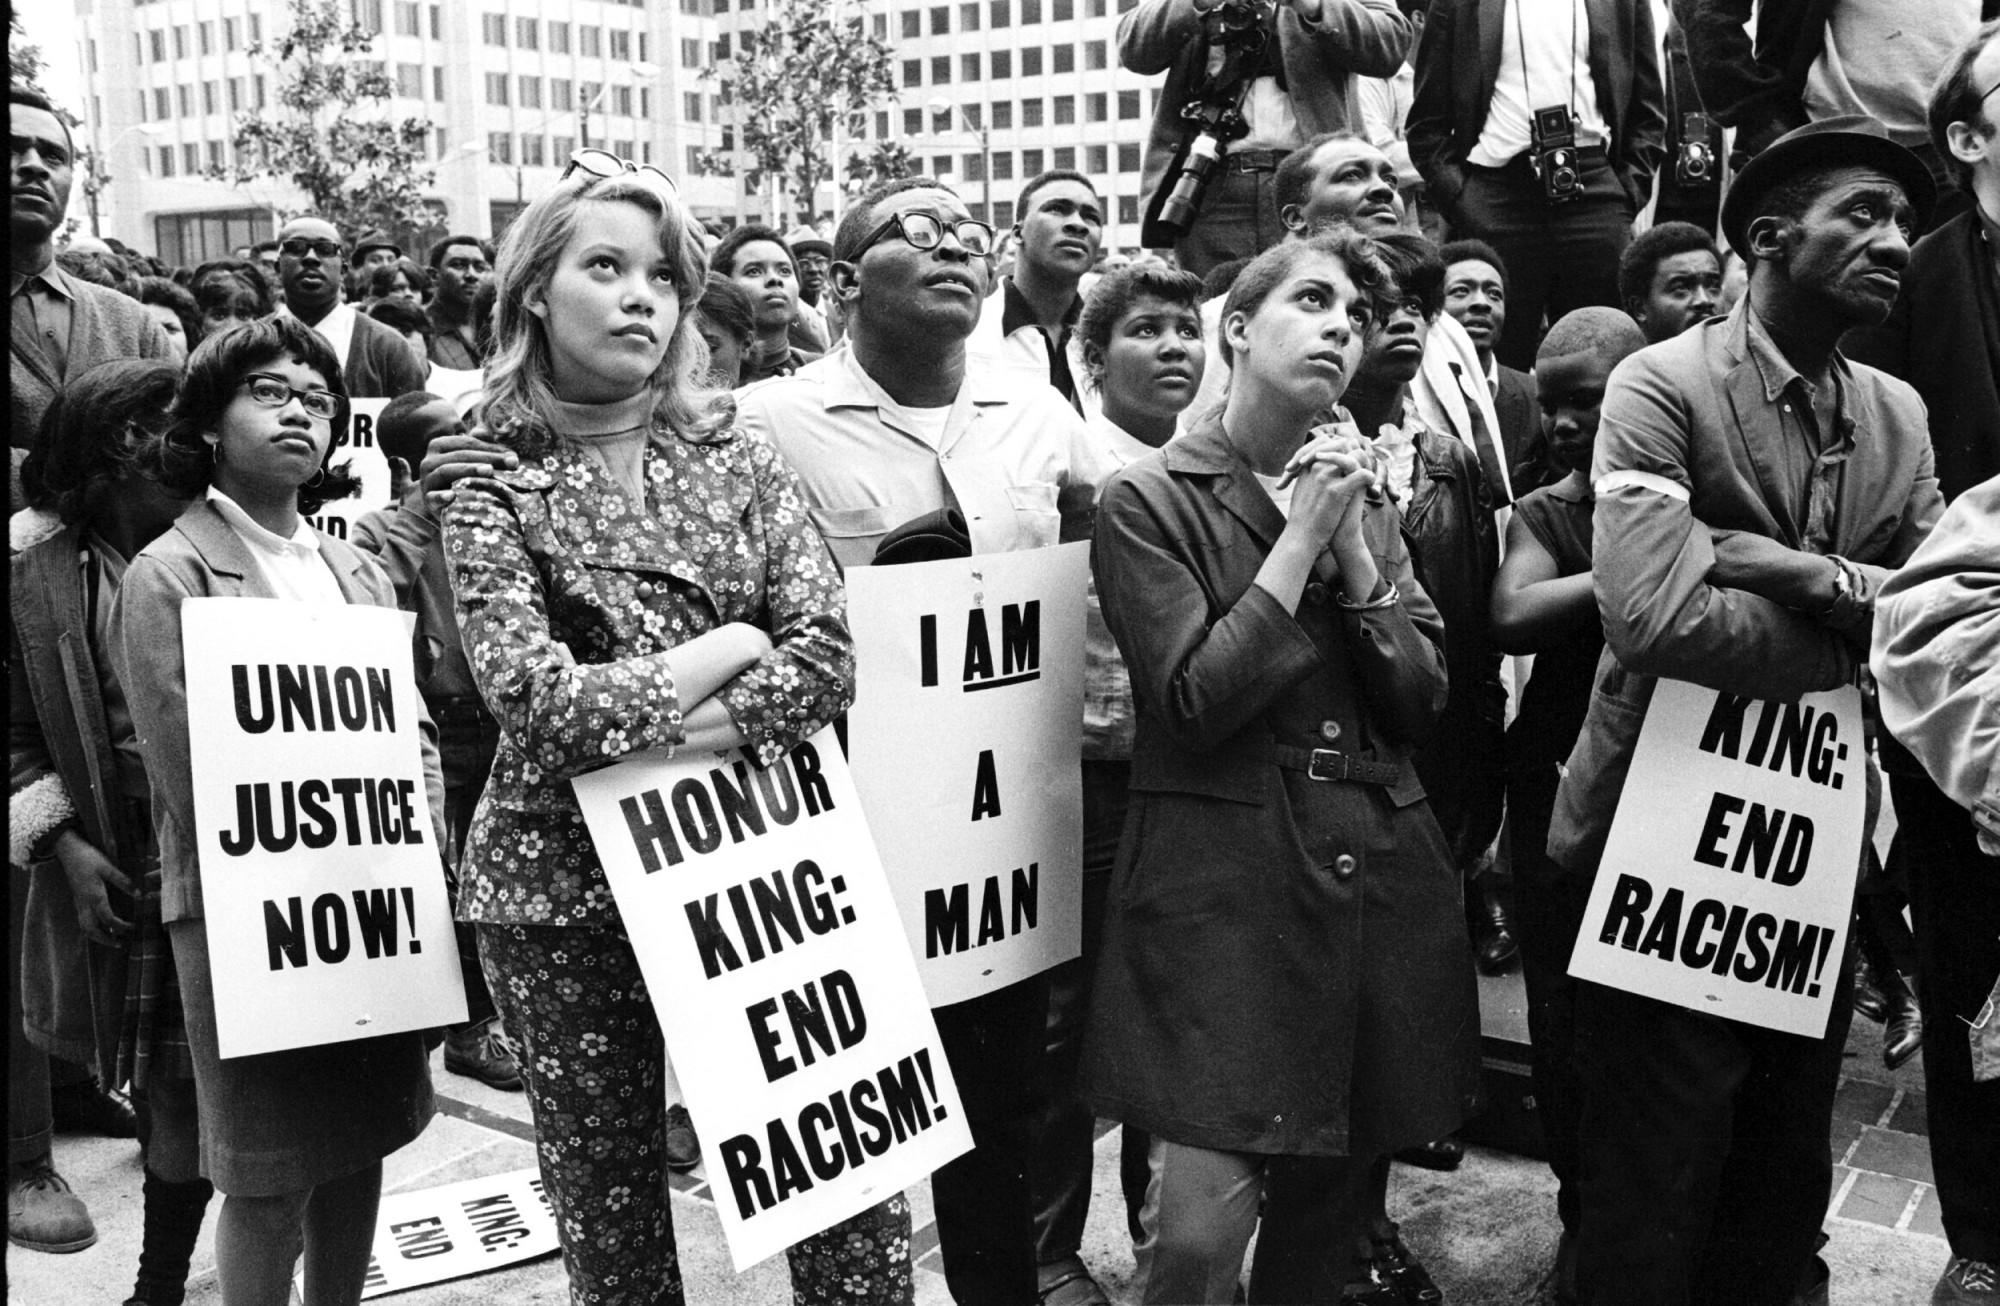 Eine Gruppe Afroamerikanischer Demonstranten mit typografischen Plakaten